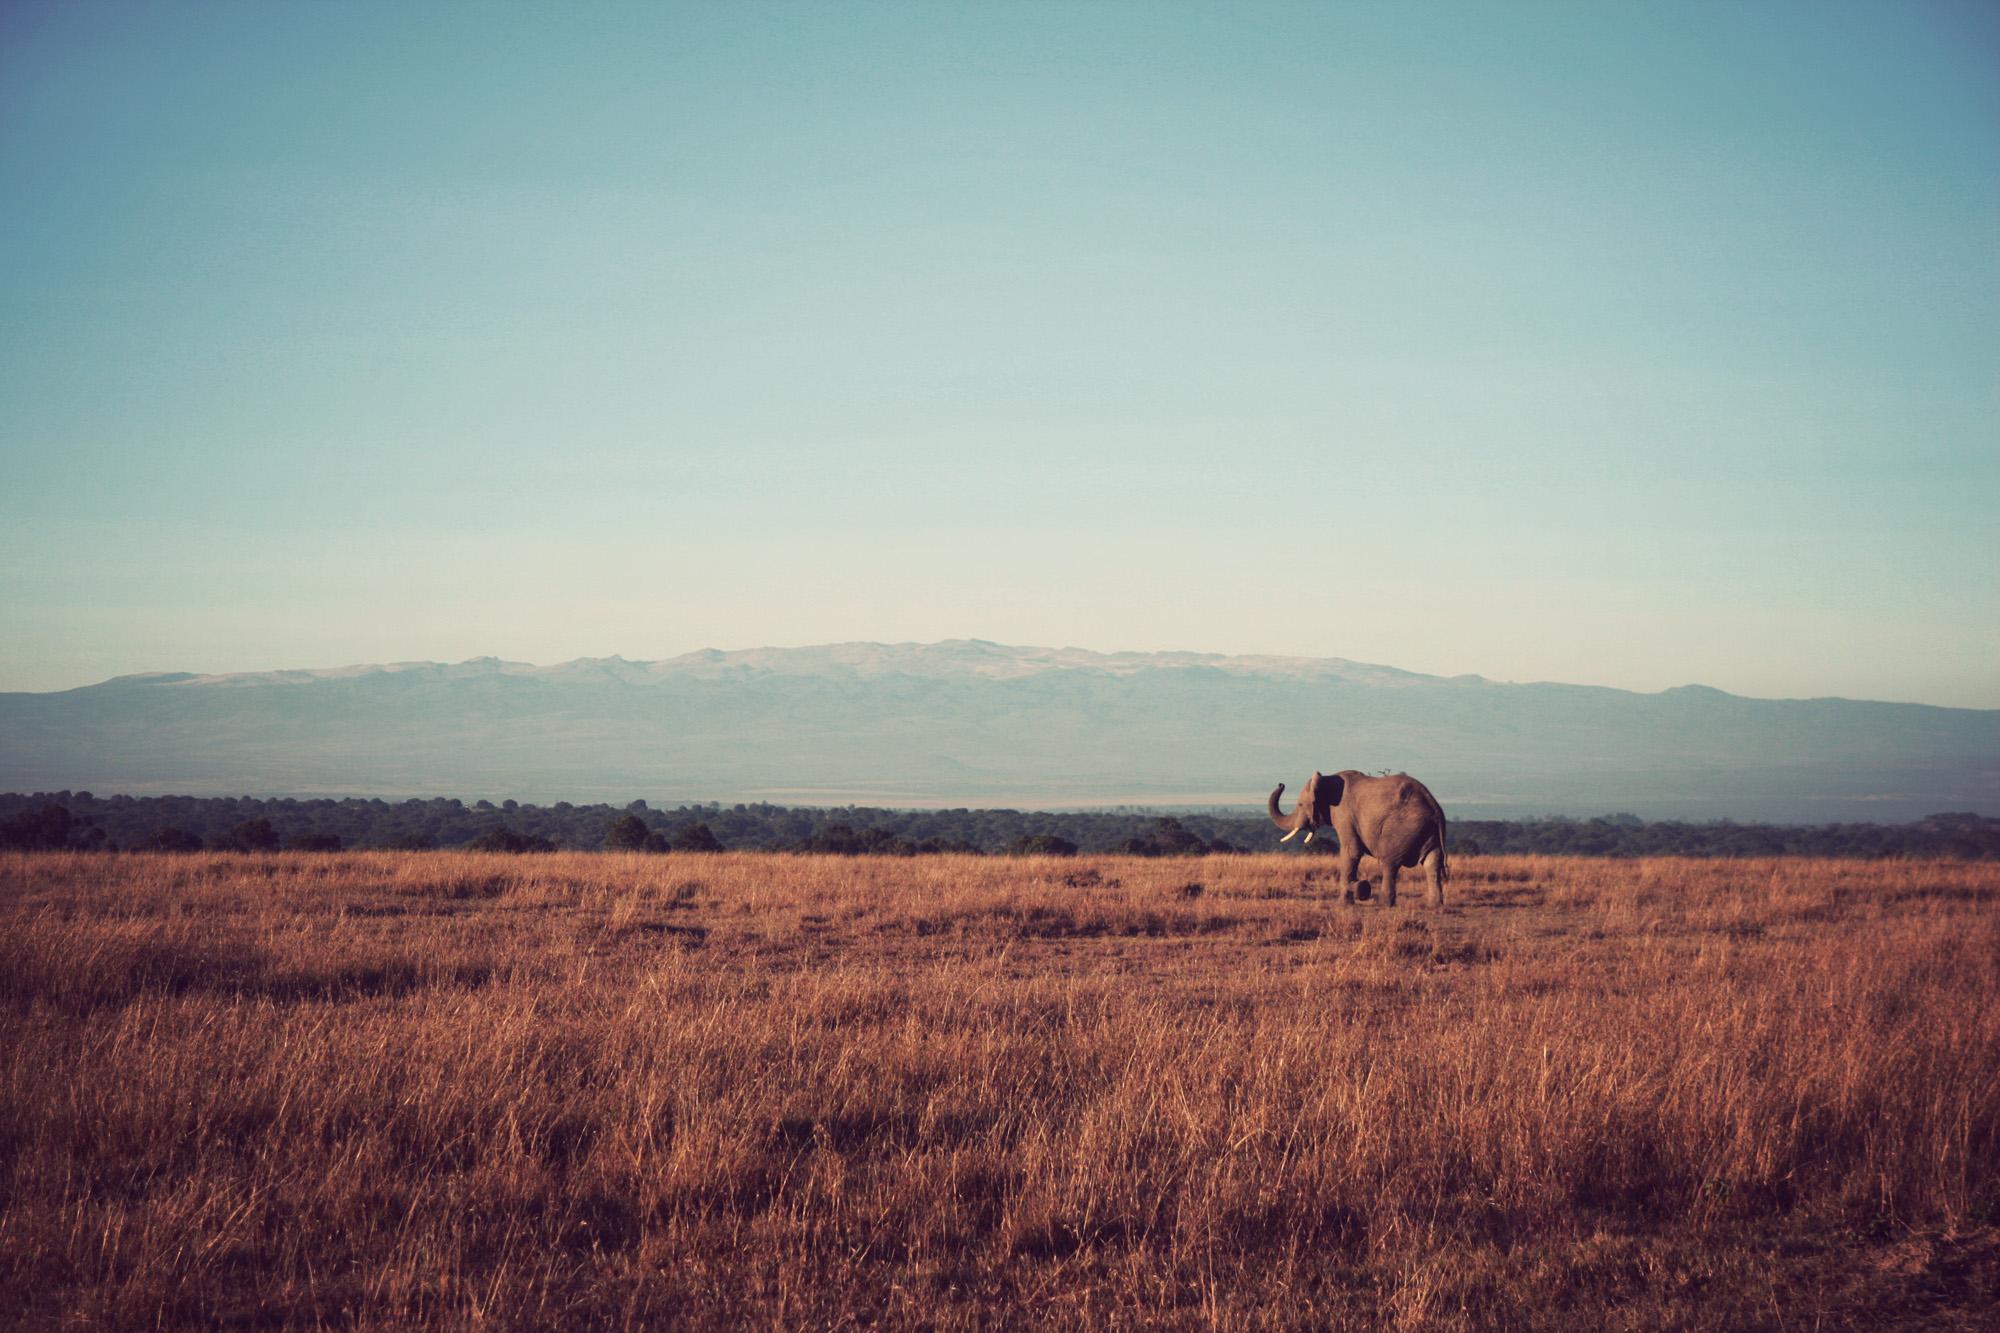 Day02_Sweetwater_Elephants_05.jpg